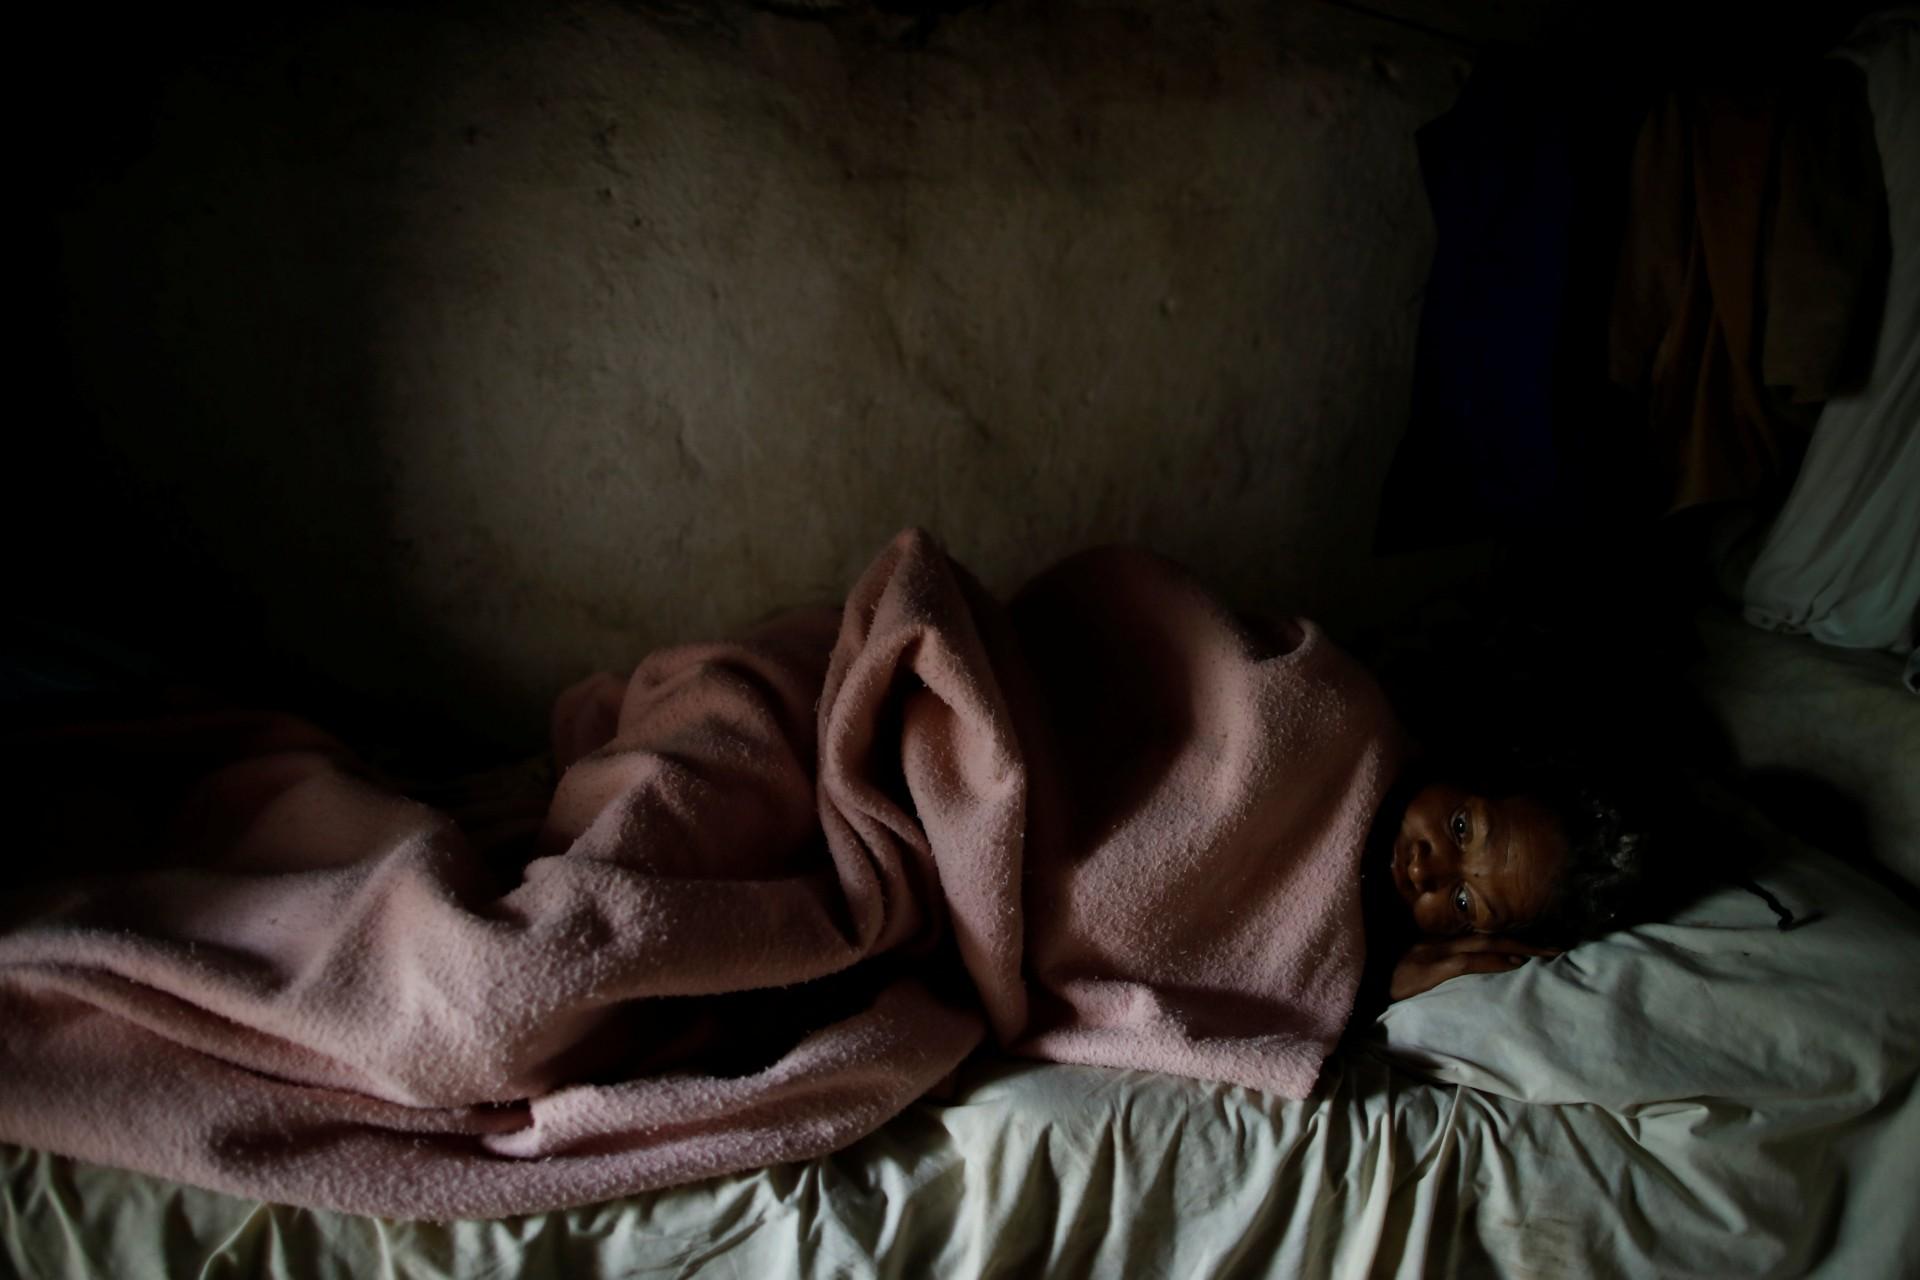 Aurana Augustin, conocida como Timatant, una vendedora, descansa en una cama en Boucan Ferdinand, Haití, 10 de octubre de 2018.